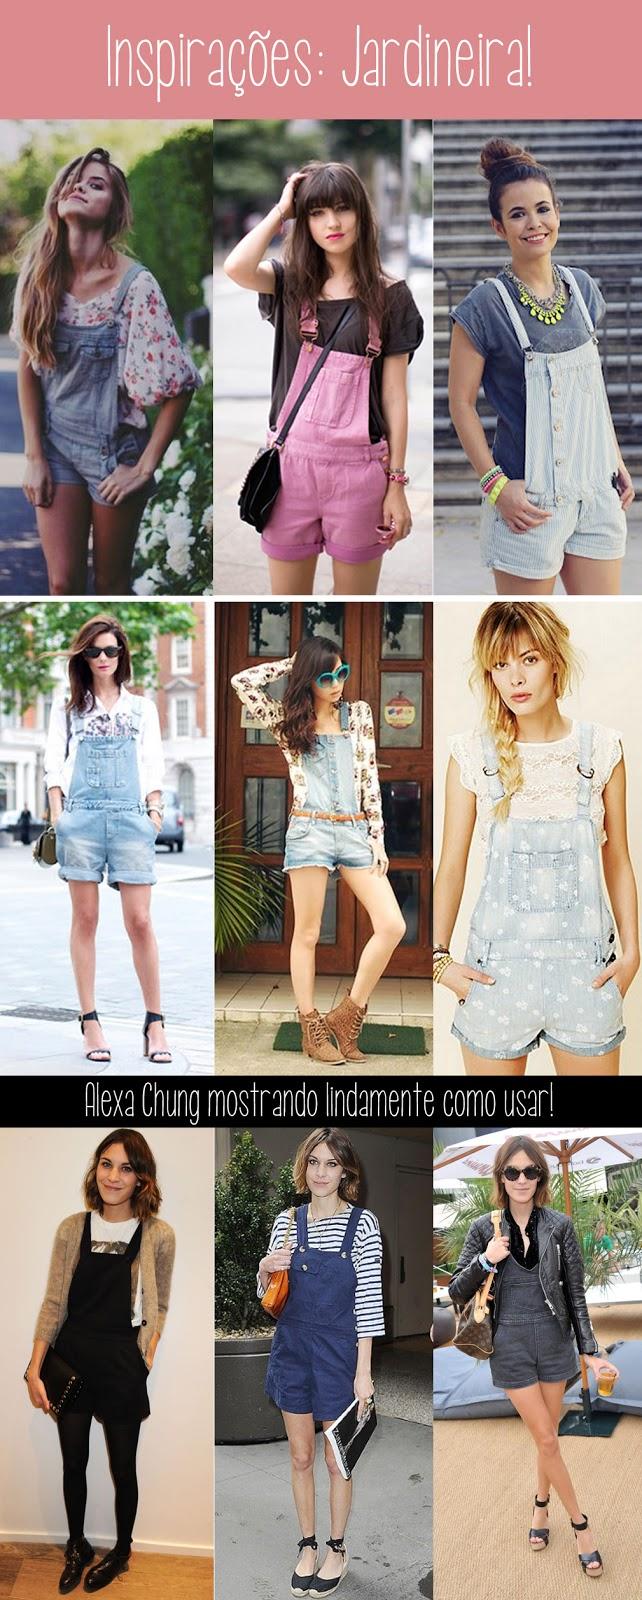 alexa chung, jeans, color, macação, macaquinho, com salto, mulher, feminina, moda, tendência, anos 90, onde comprar